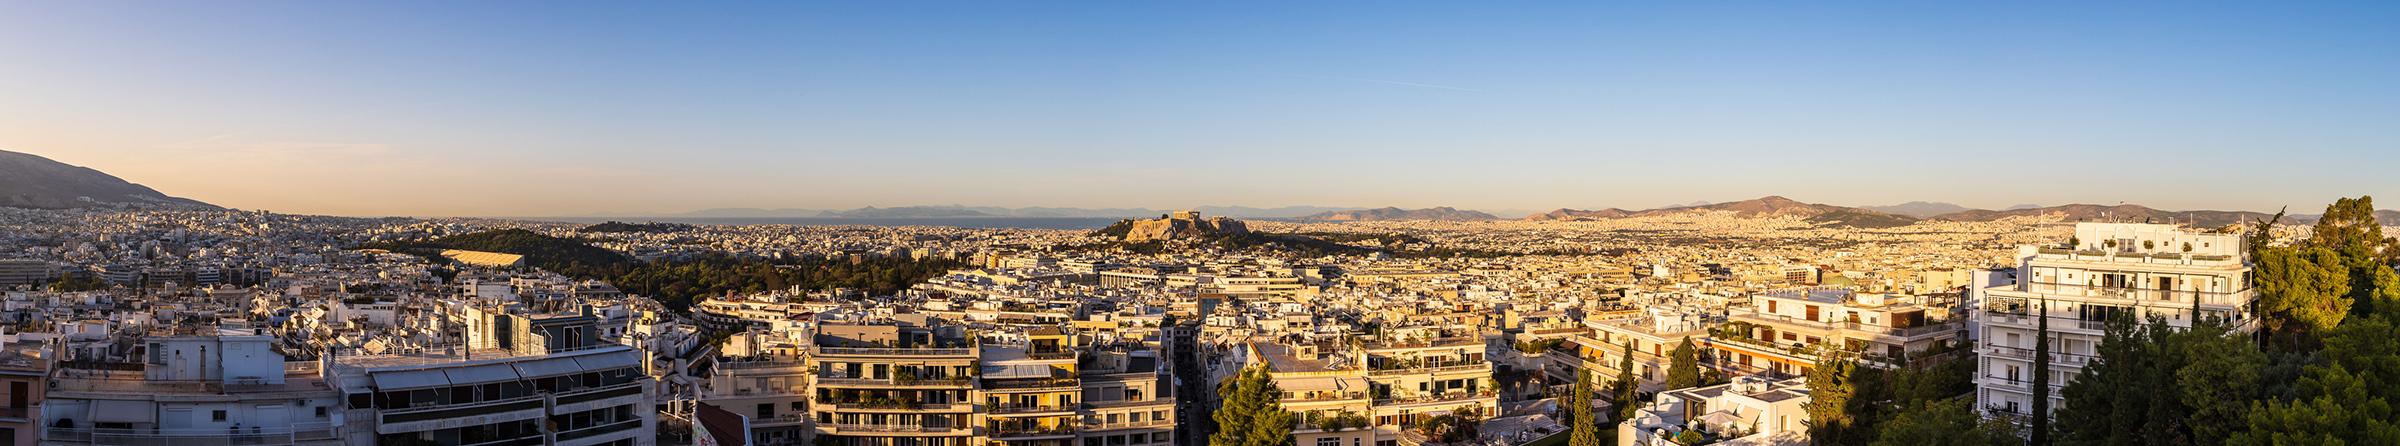 Panoramablick vom St. George Lycabettus über Athen bis zur Akropolis